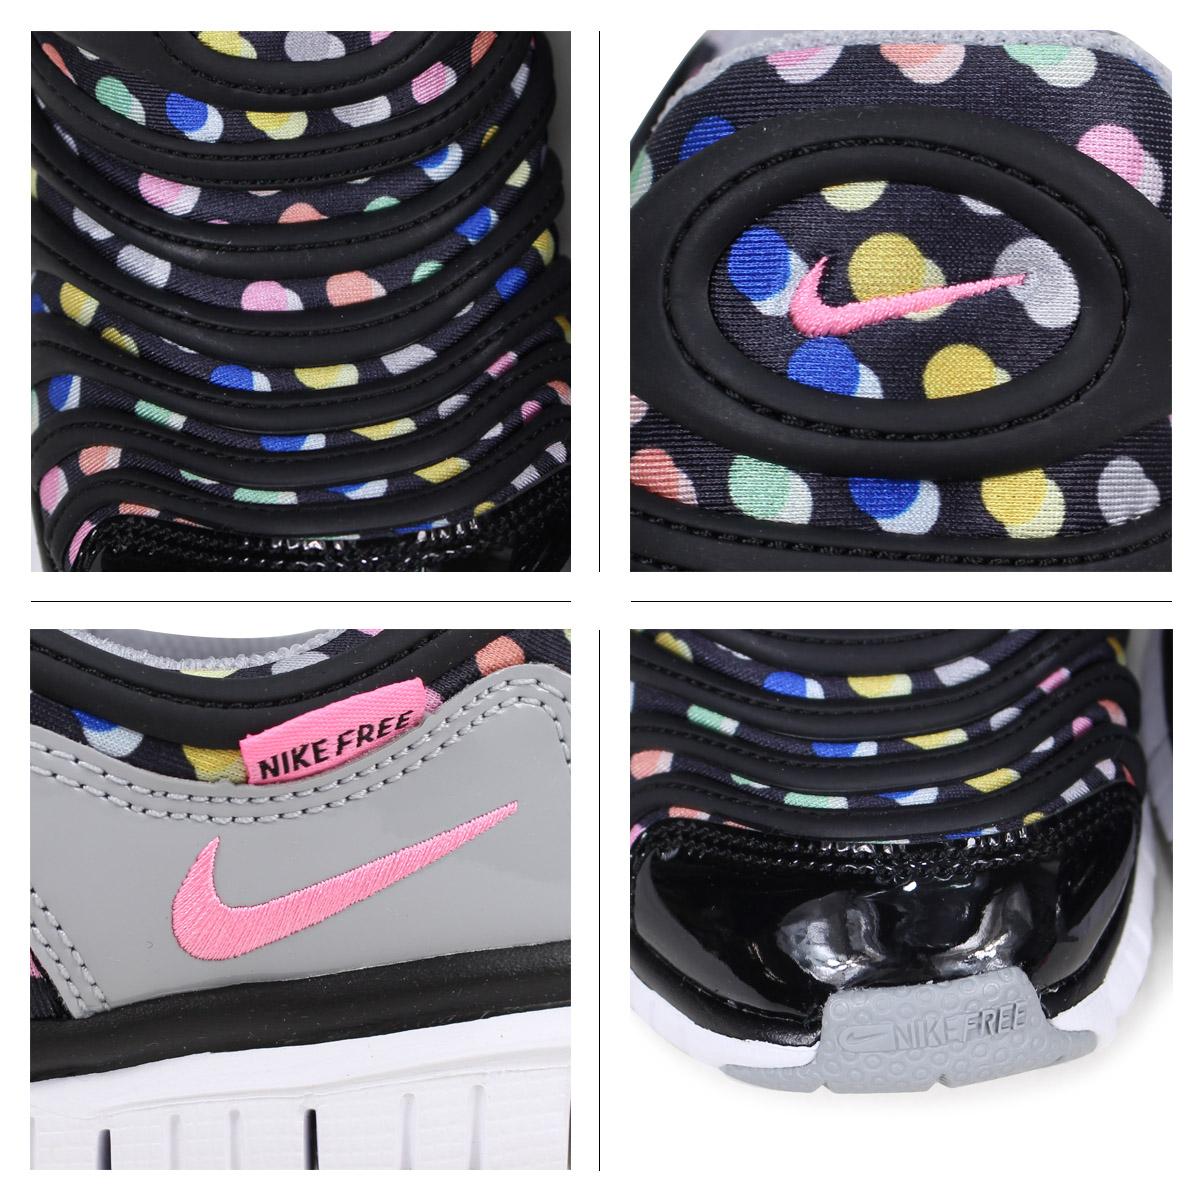 9e94f64e667c2 ALLSPORTS  NIKE DYNAMO FREE PRINT PS Nike dynamo-free kids sneakers ...